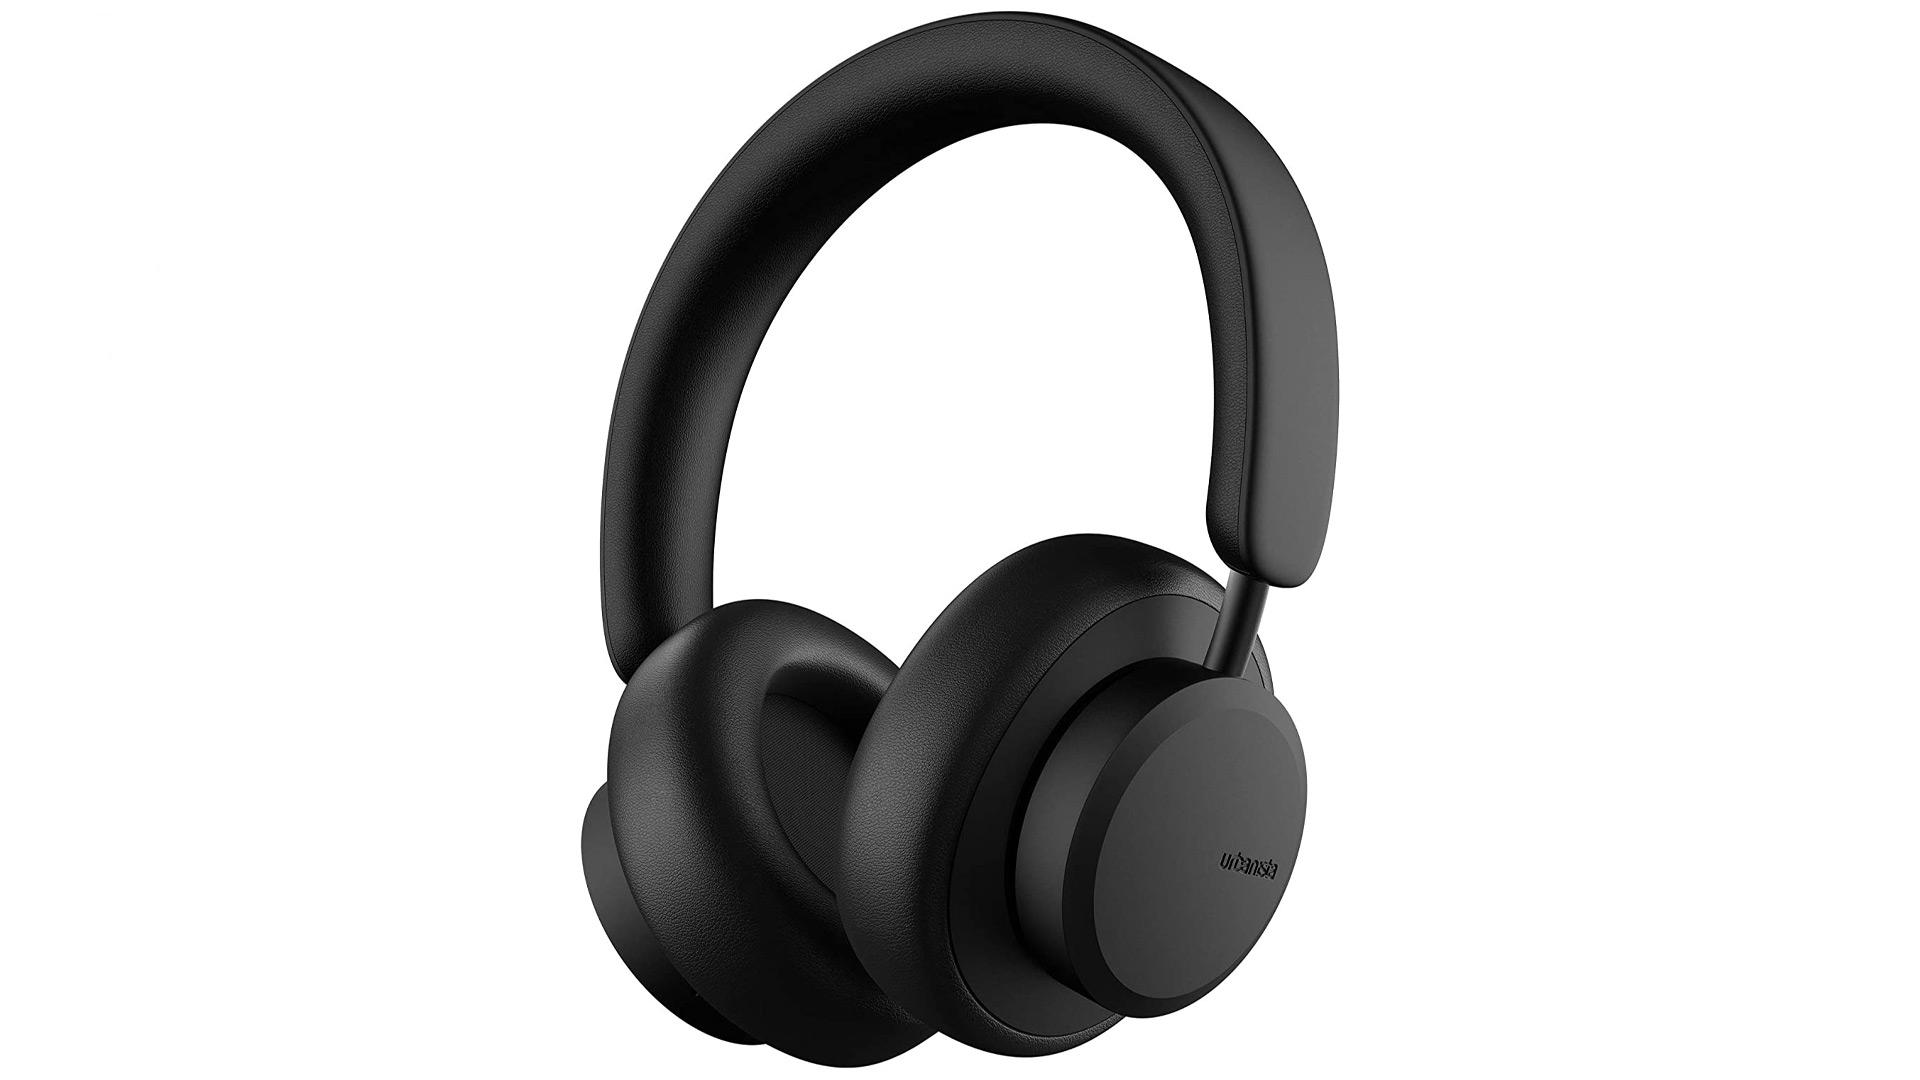 Urbanista Miami Wireless Headphones